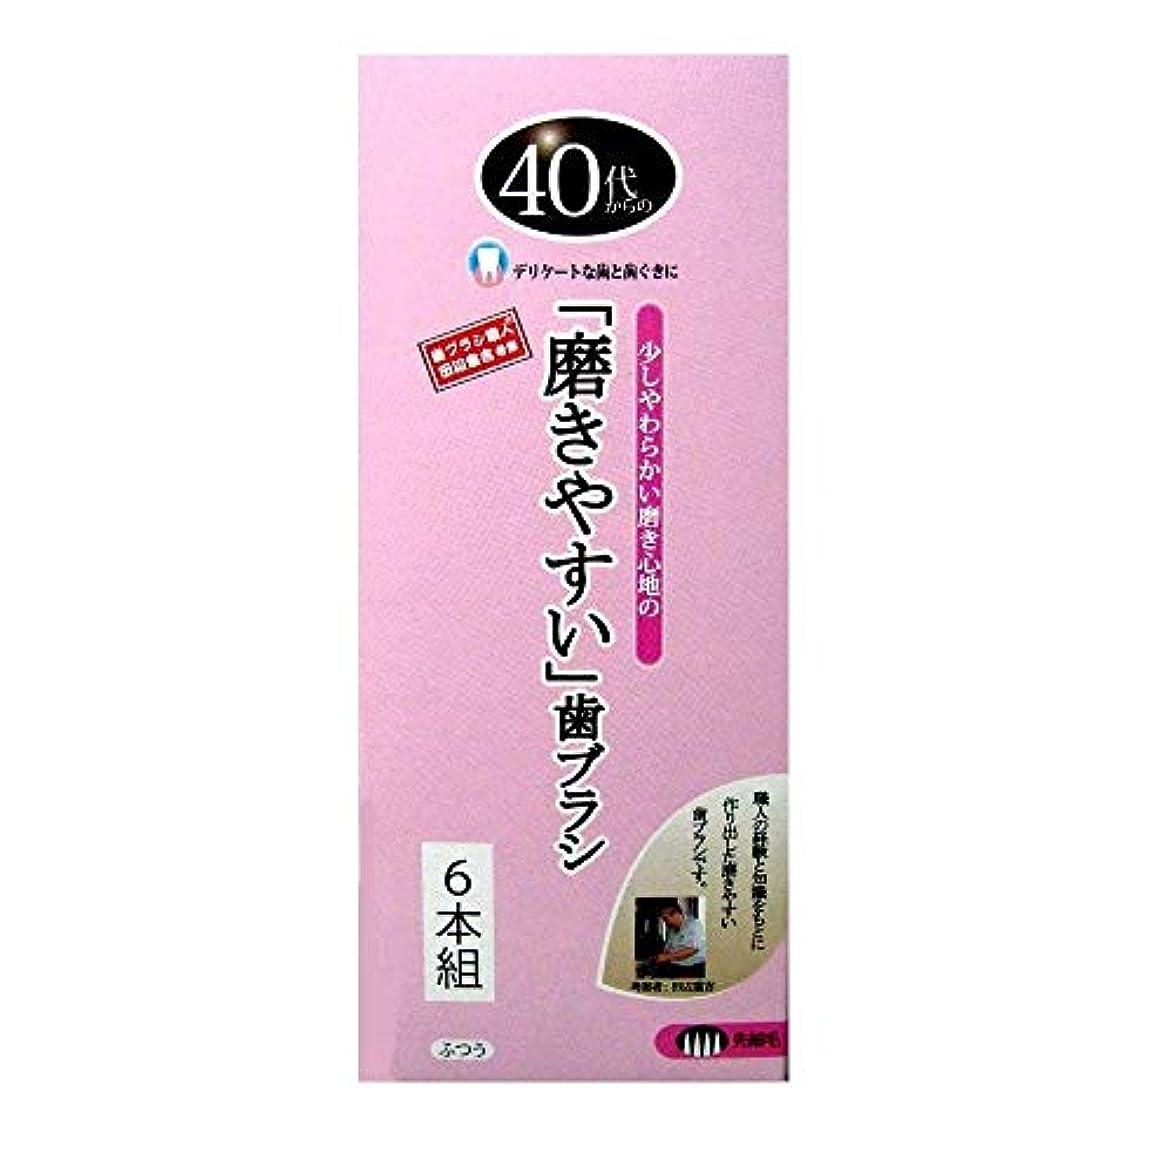 花瓶サークル洞窟歯ブラシ職人 Artooth ® 田辺重吉の磨きやすい 40代からの歯ブラシ 歯ぐきにやさしい 細めの毛 先細毛 日本製 6本セットLT-15-6